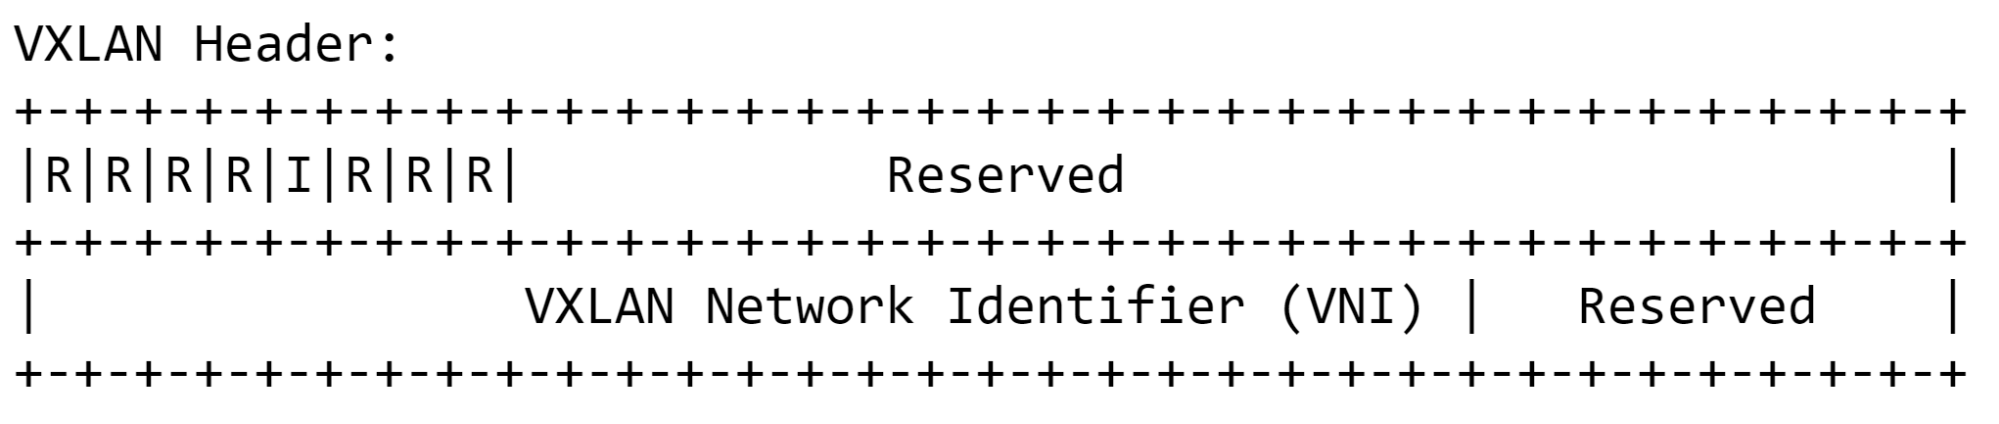 由IETF VXLAN规范定义的VXLAN标头